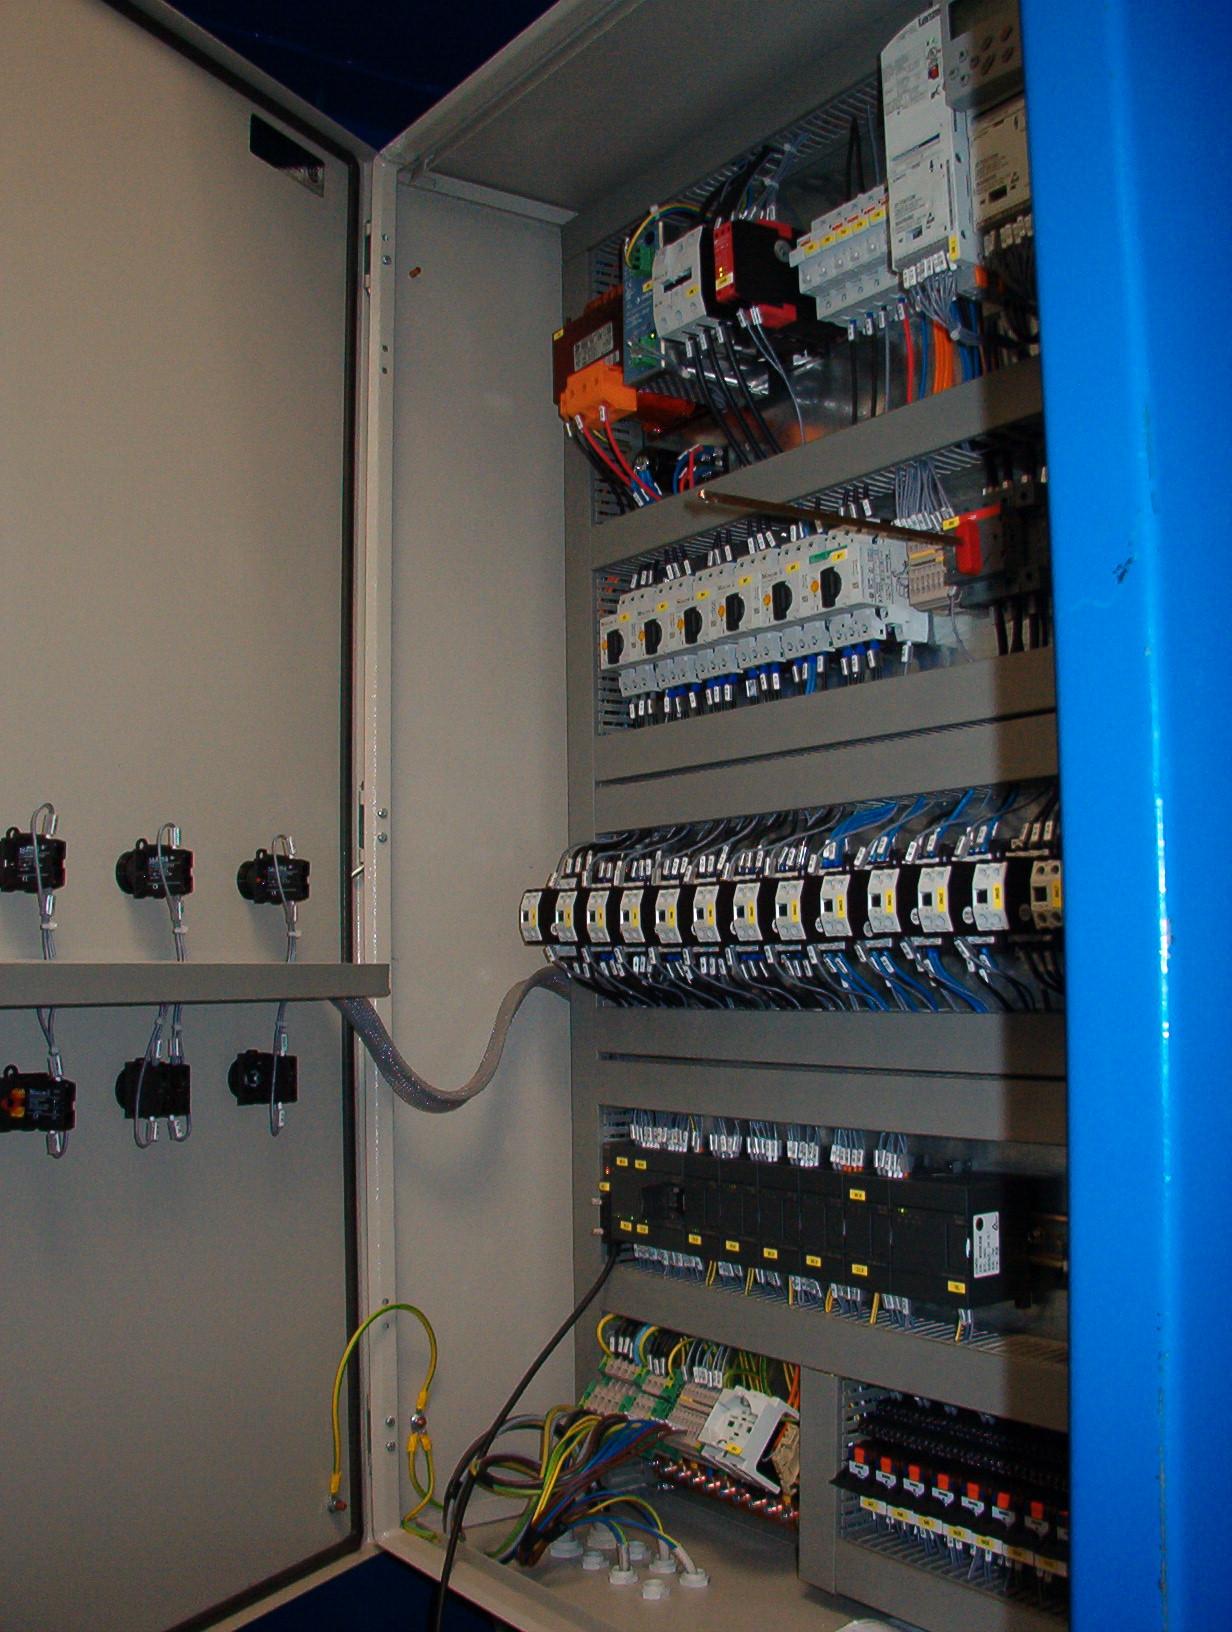 Quadro elettrico a muro durante avviamento